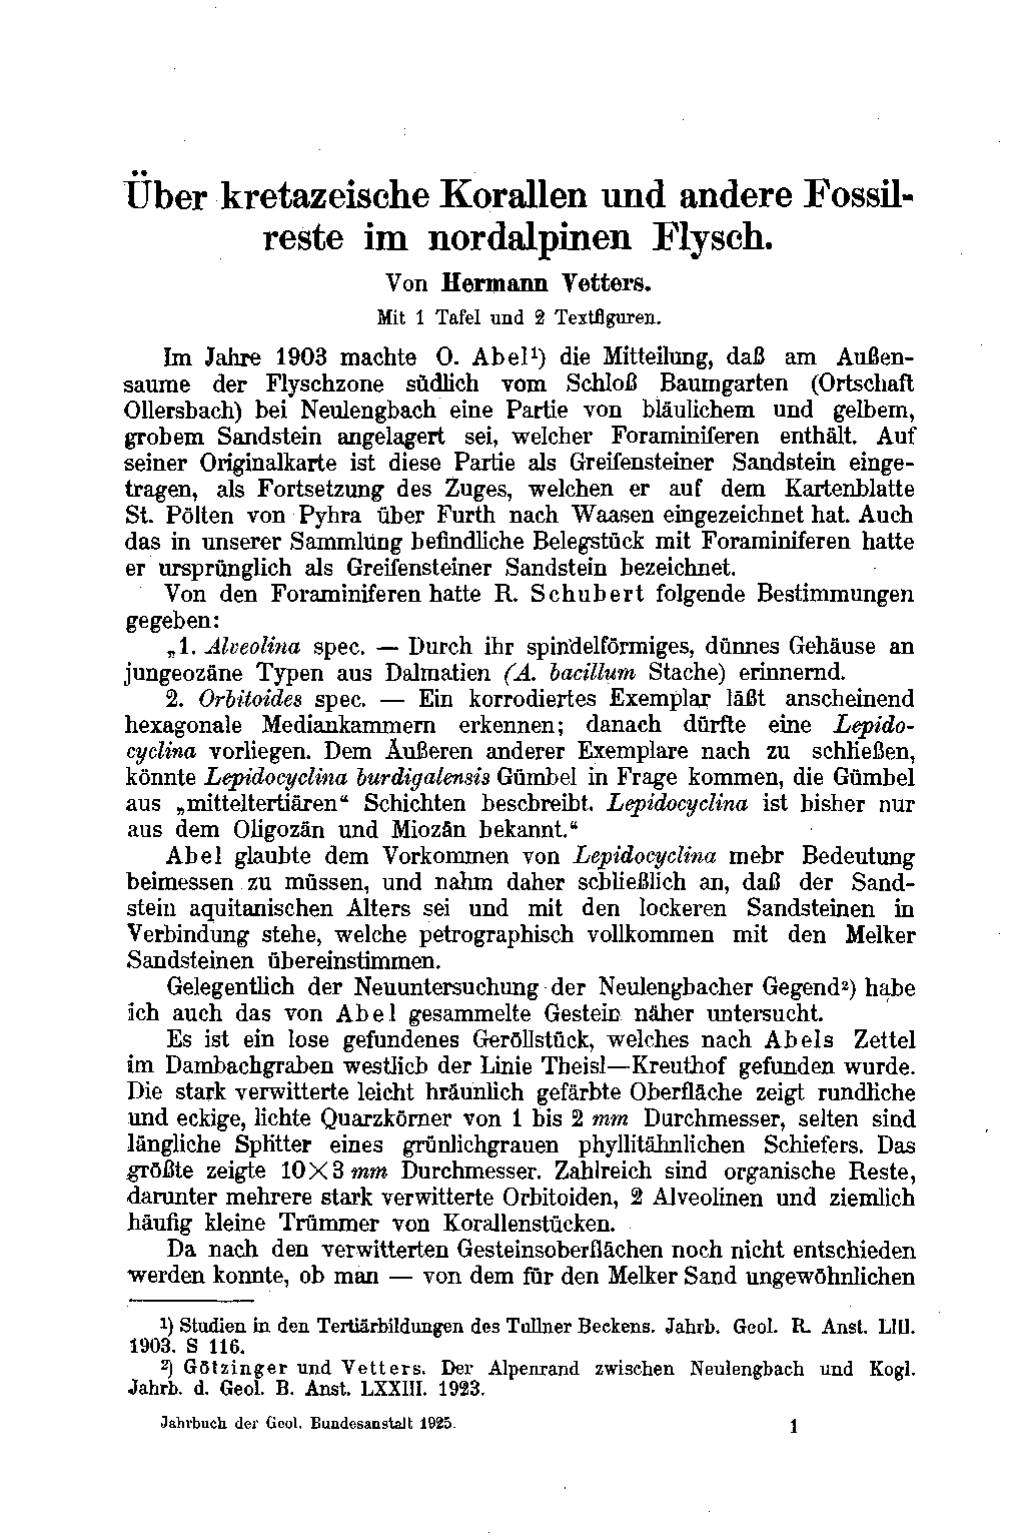 Über kretazeische korallen und andere fossilFossil Fossil 2046 S Glnzendes Schwarz Mit Grauer Verlaufslinse P 549 #7